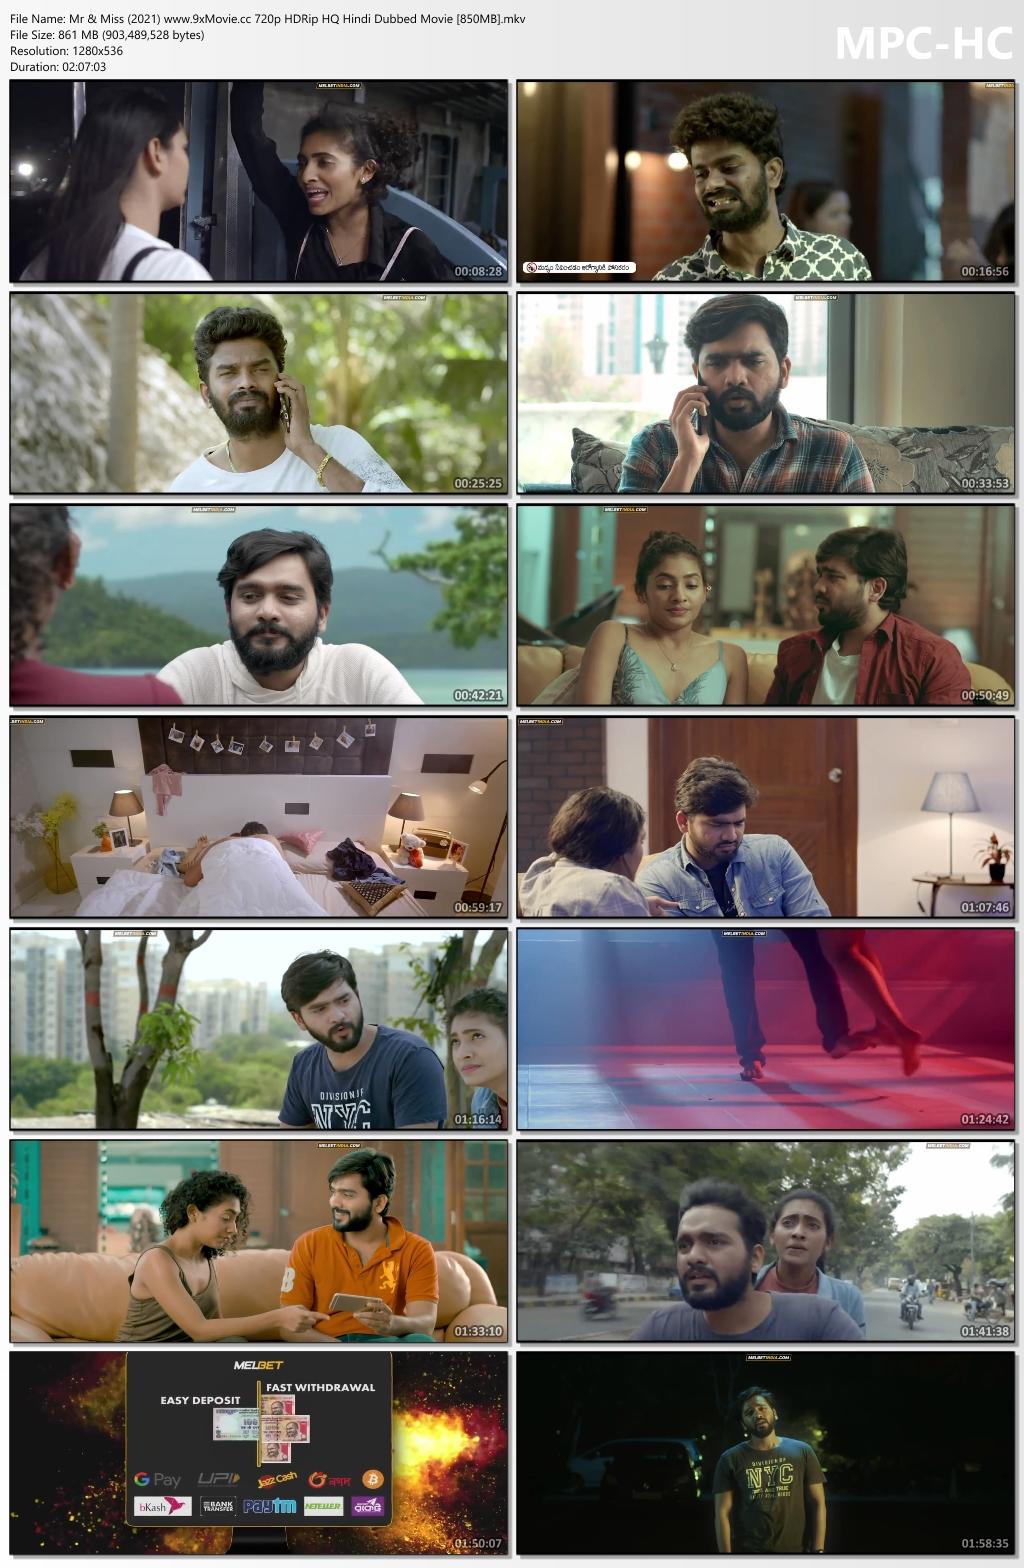 Mr-Miss-2021-www-9x-Movie-cc-720p-HDRip-HQ-Hindi-Dubbed-Movie-850-MB-mkv